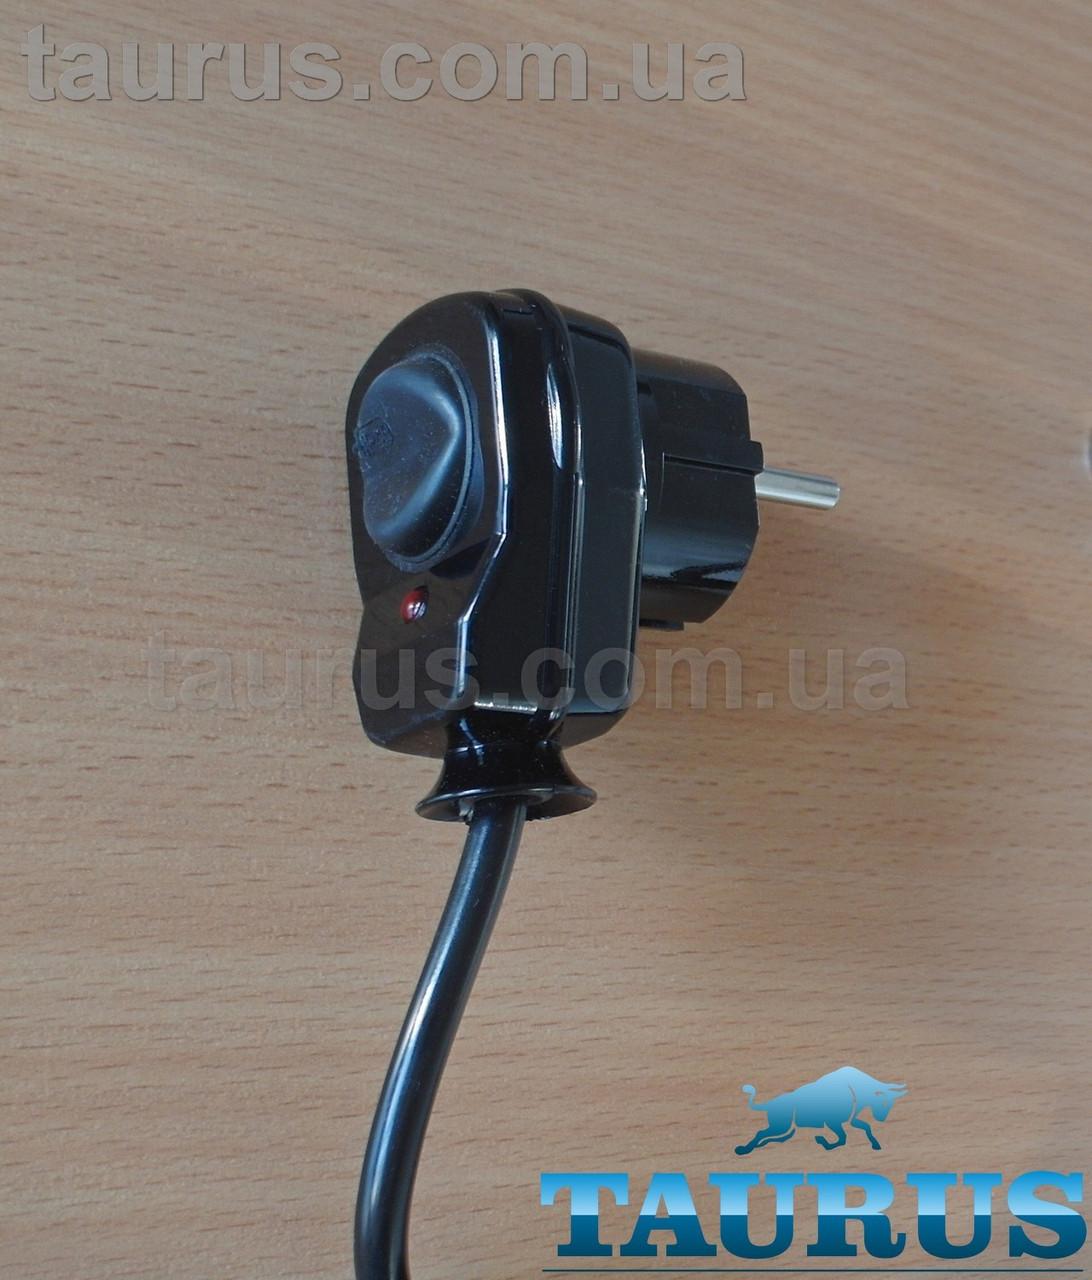 Вилка з кнопкою чорна Black + заземлення для потужних електроприладів до 3500W (16А), з індикатором. Польща